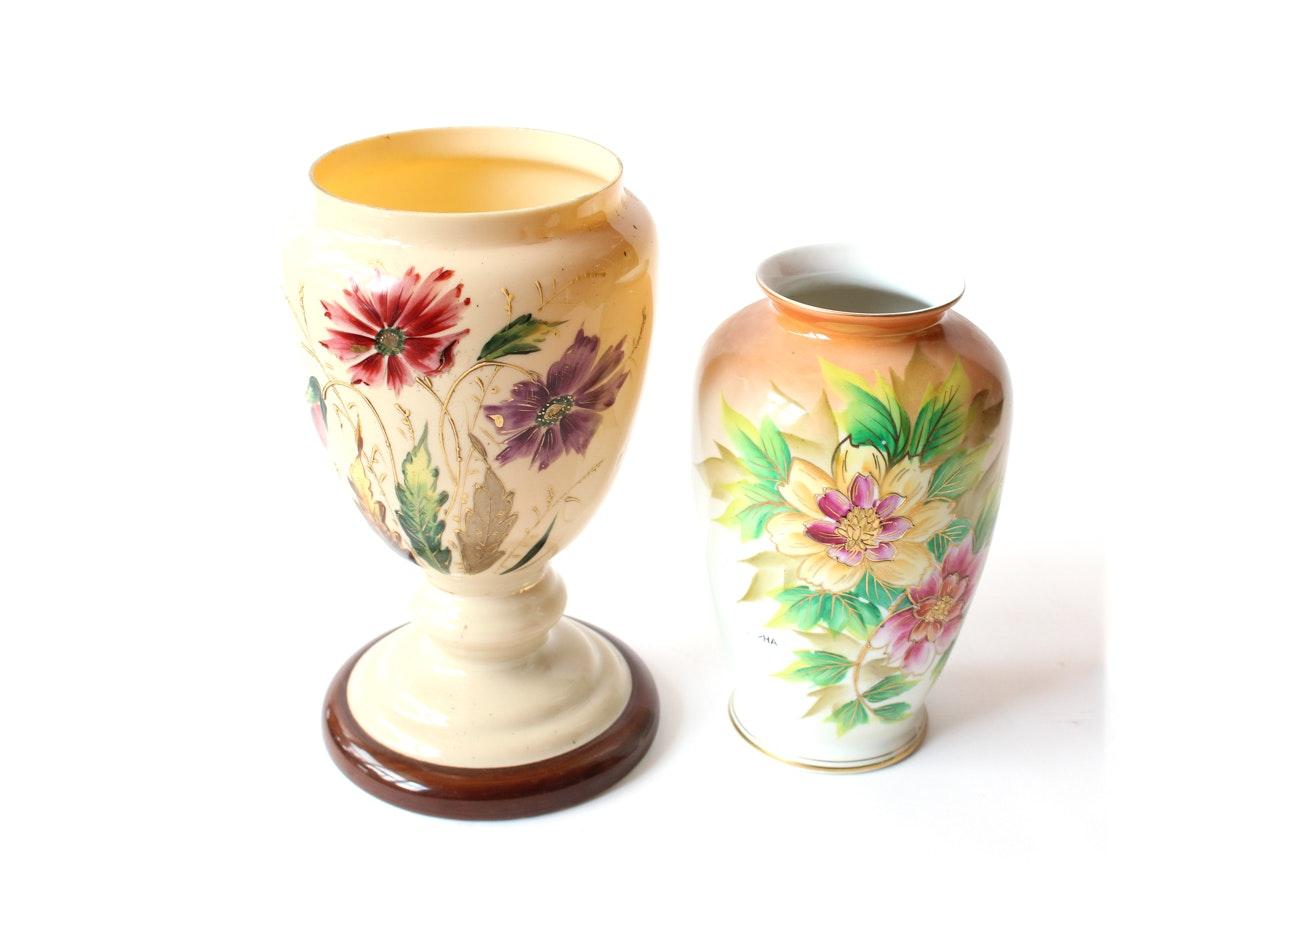 Antique Bristol Glass and Vintage Floral Vases